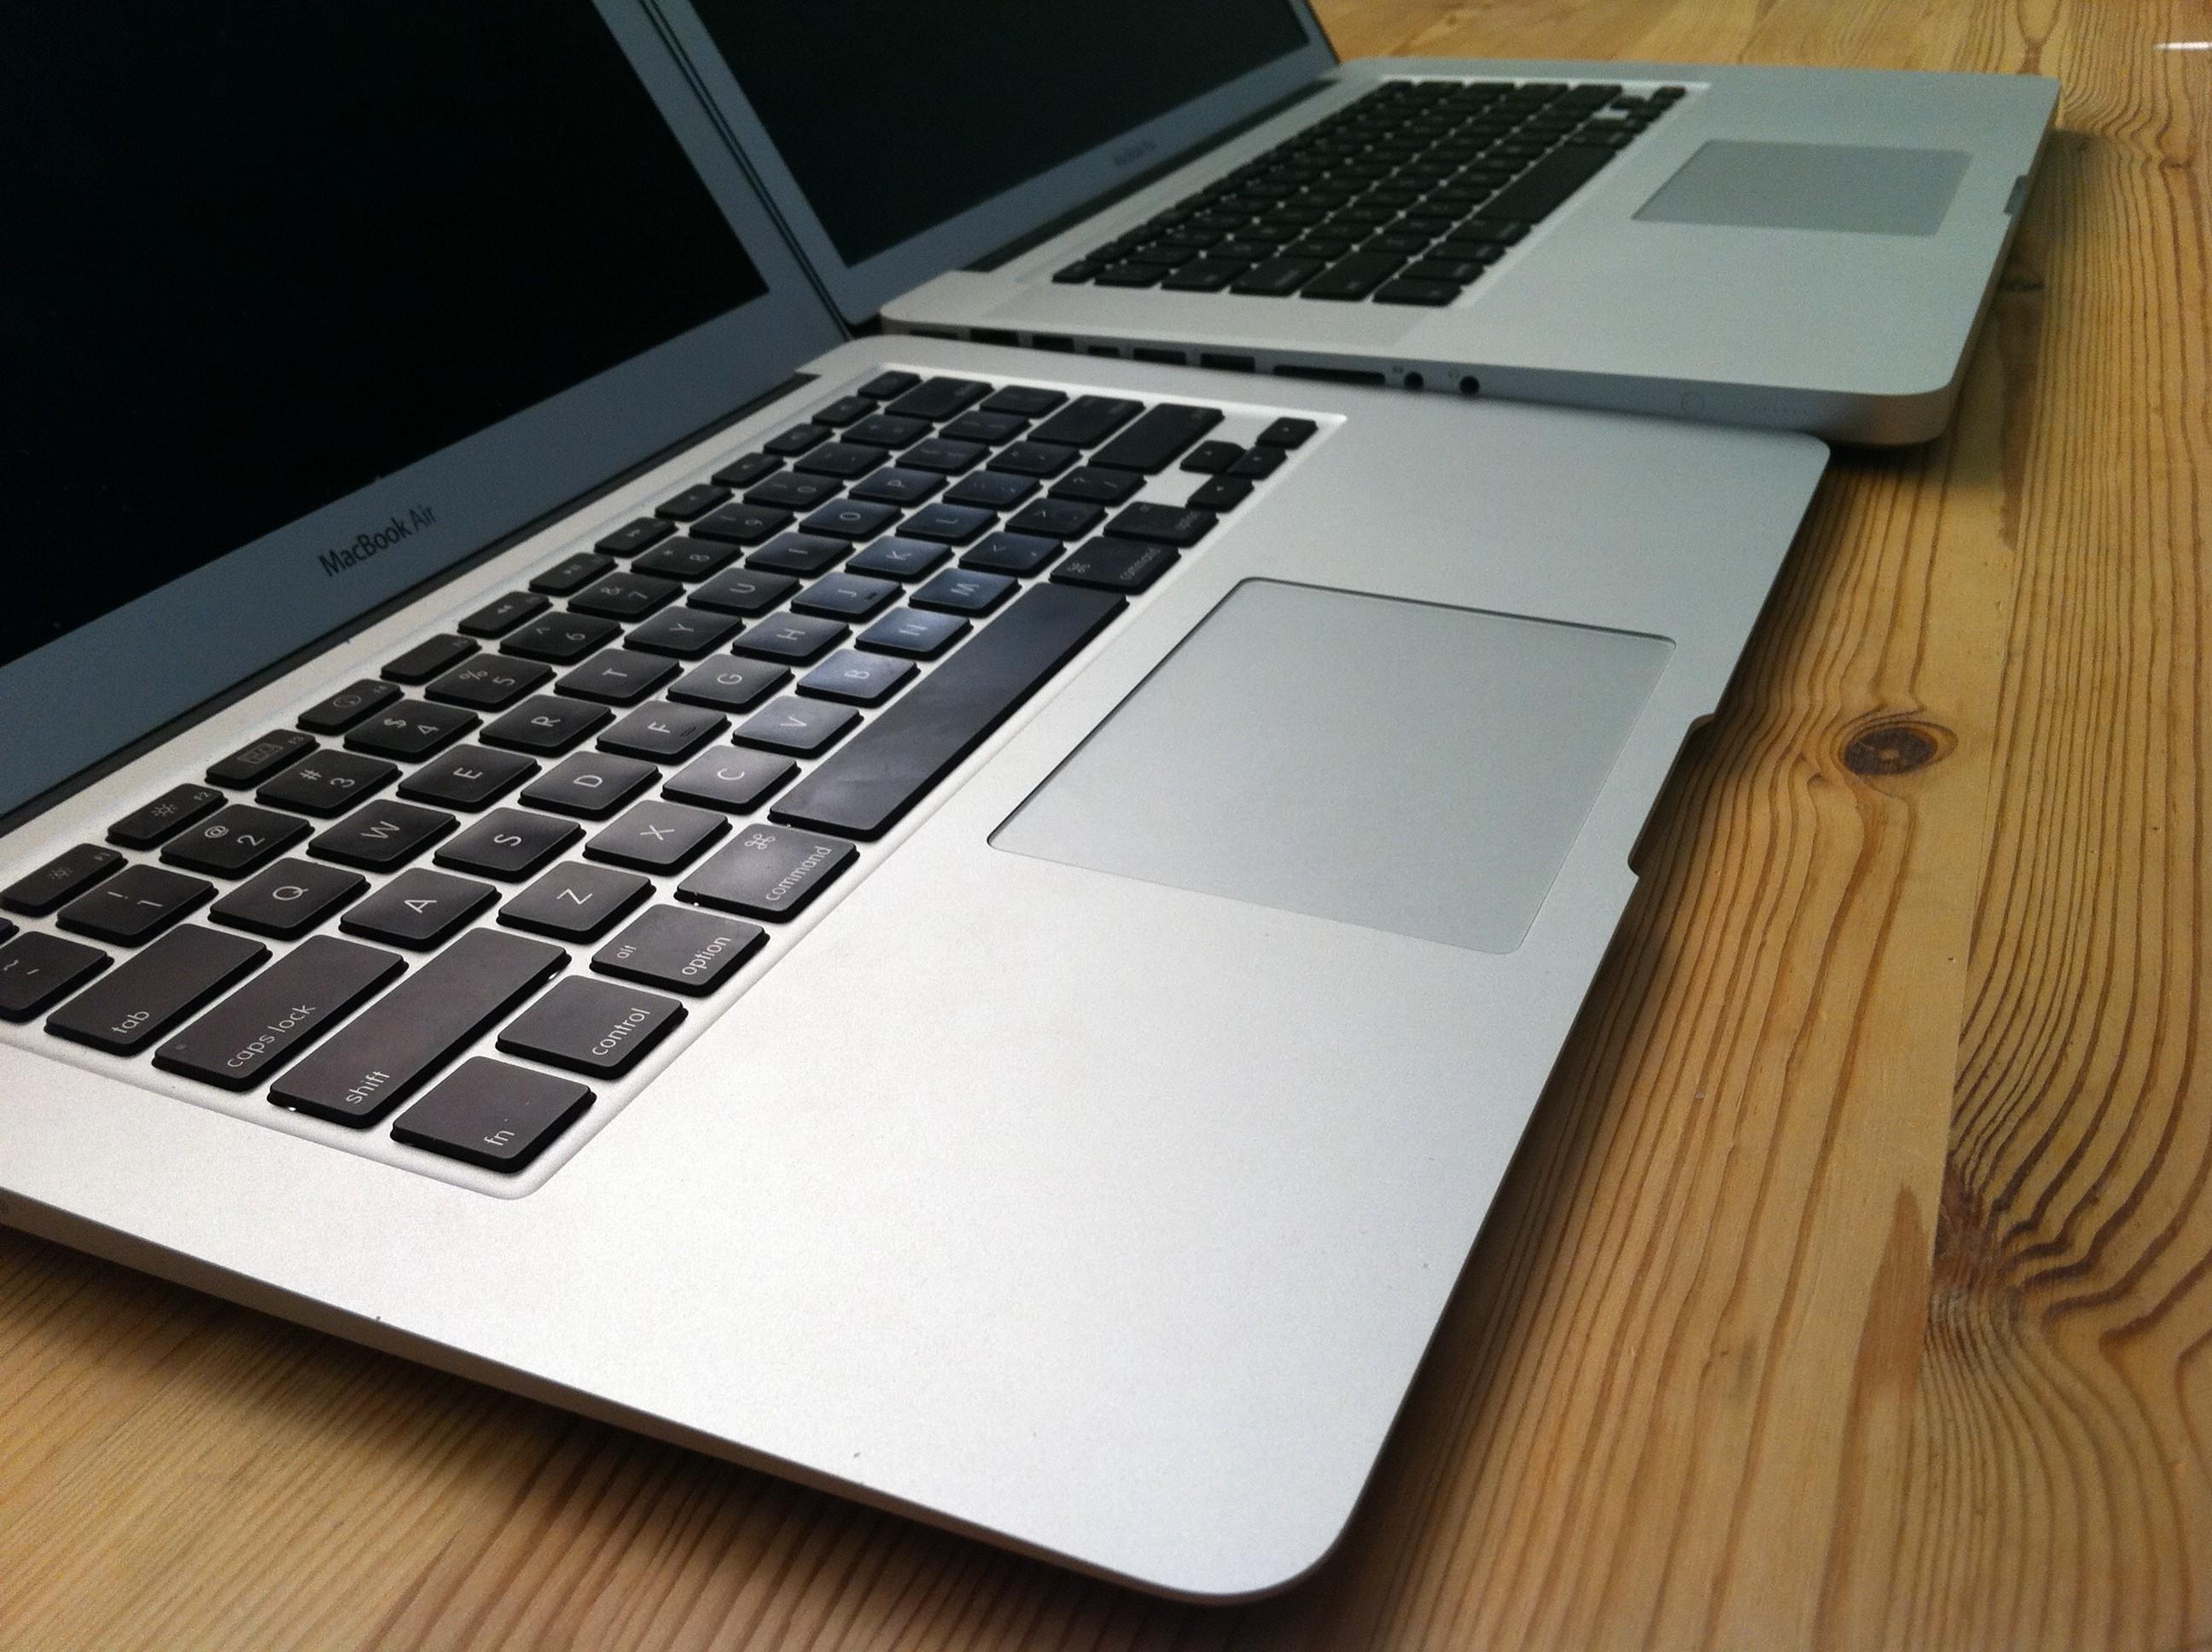 Macbook release date in Perth